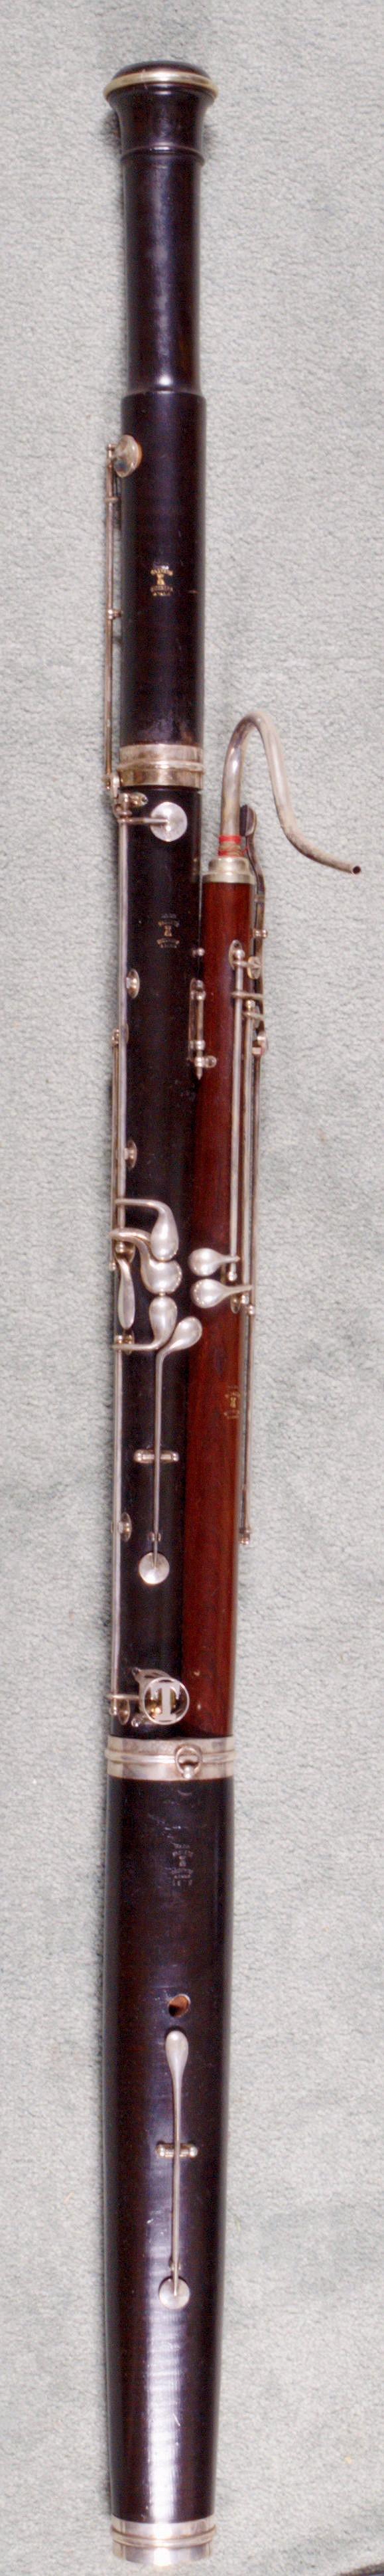 Triebert-rear-1.jpeg